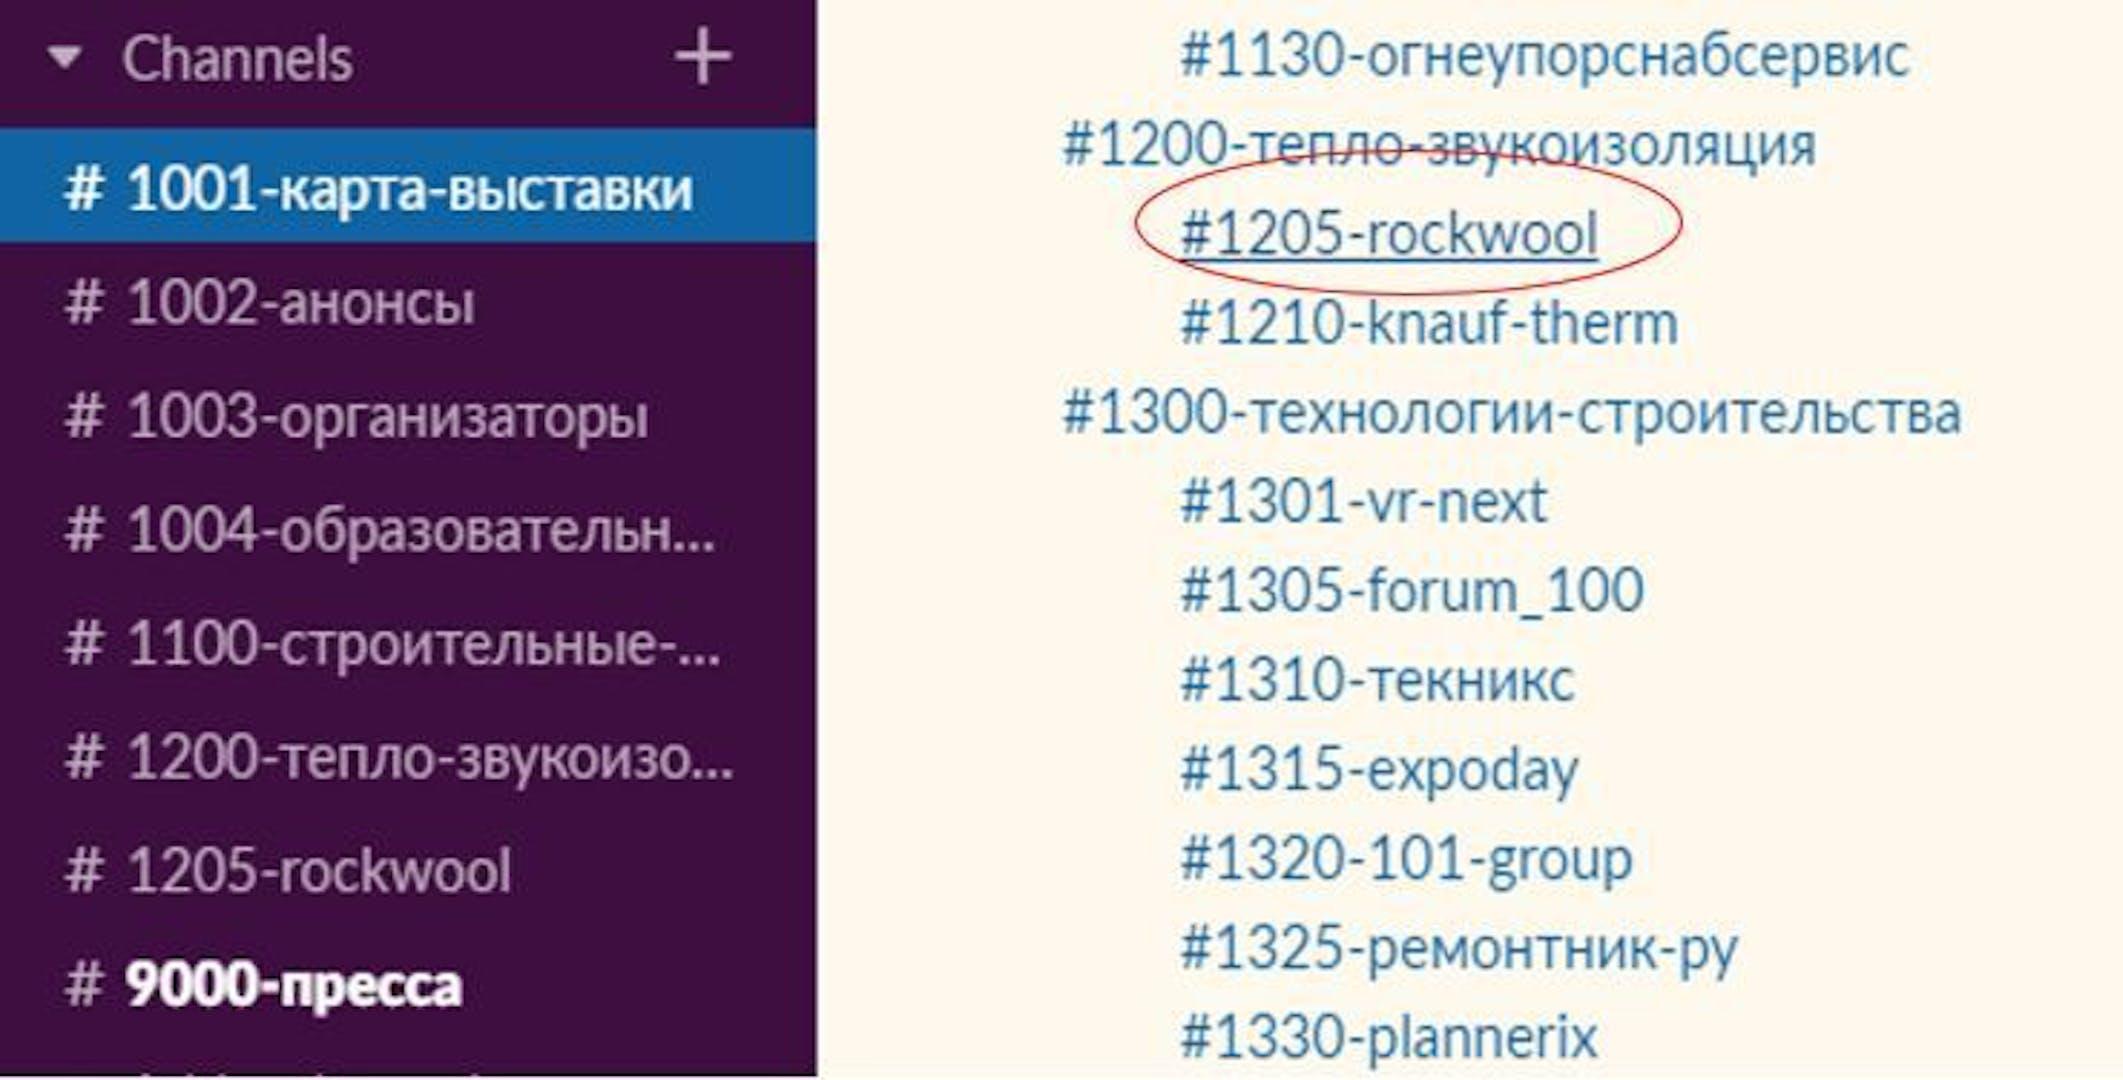 20200422 RW-RUS ILLU 141